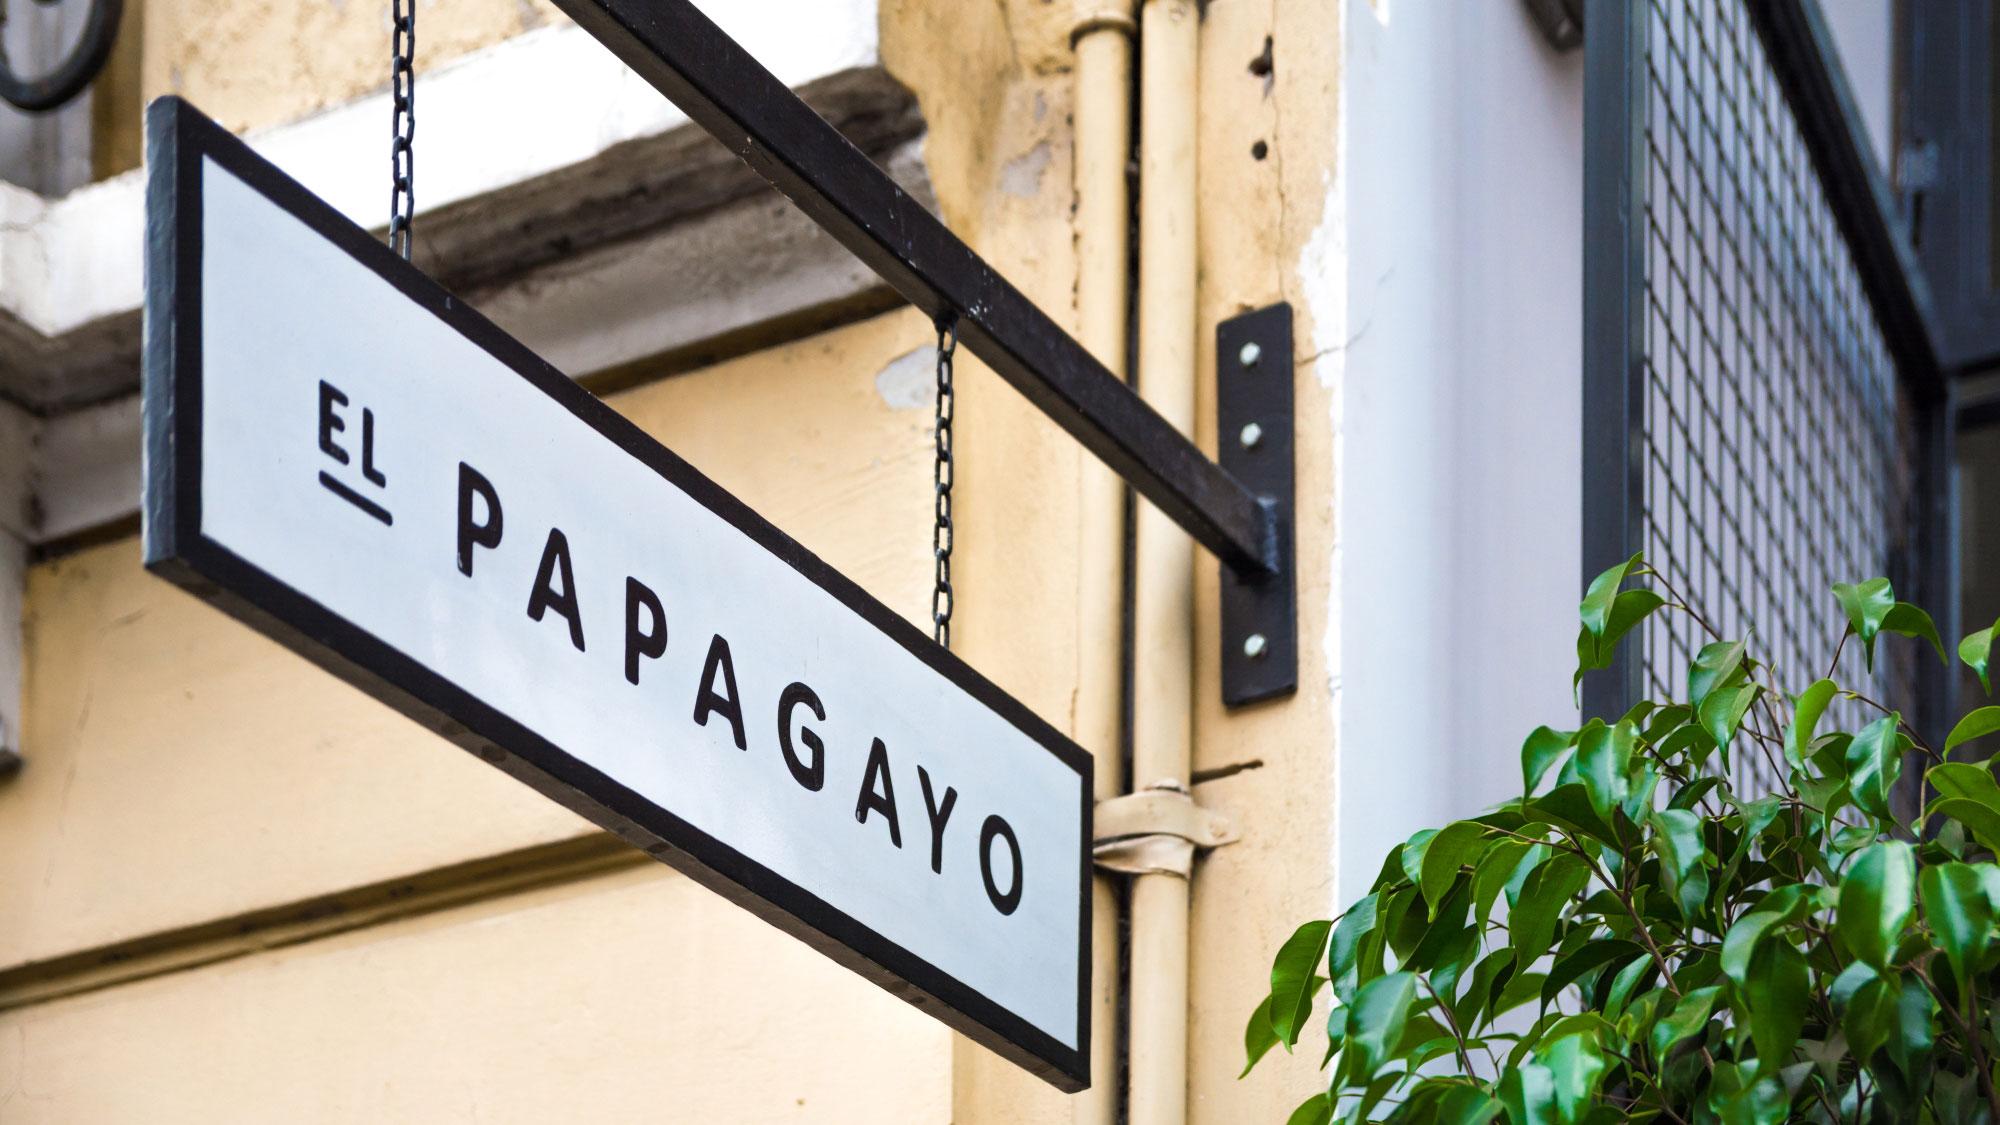 El_Papagayo-restaurant-hisheji (25)